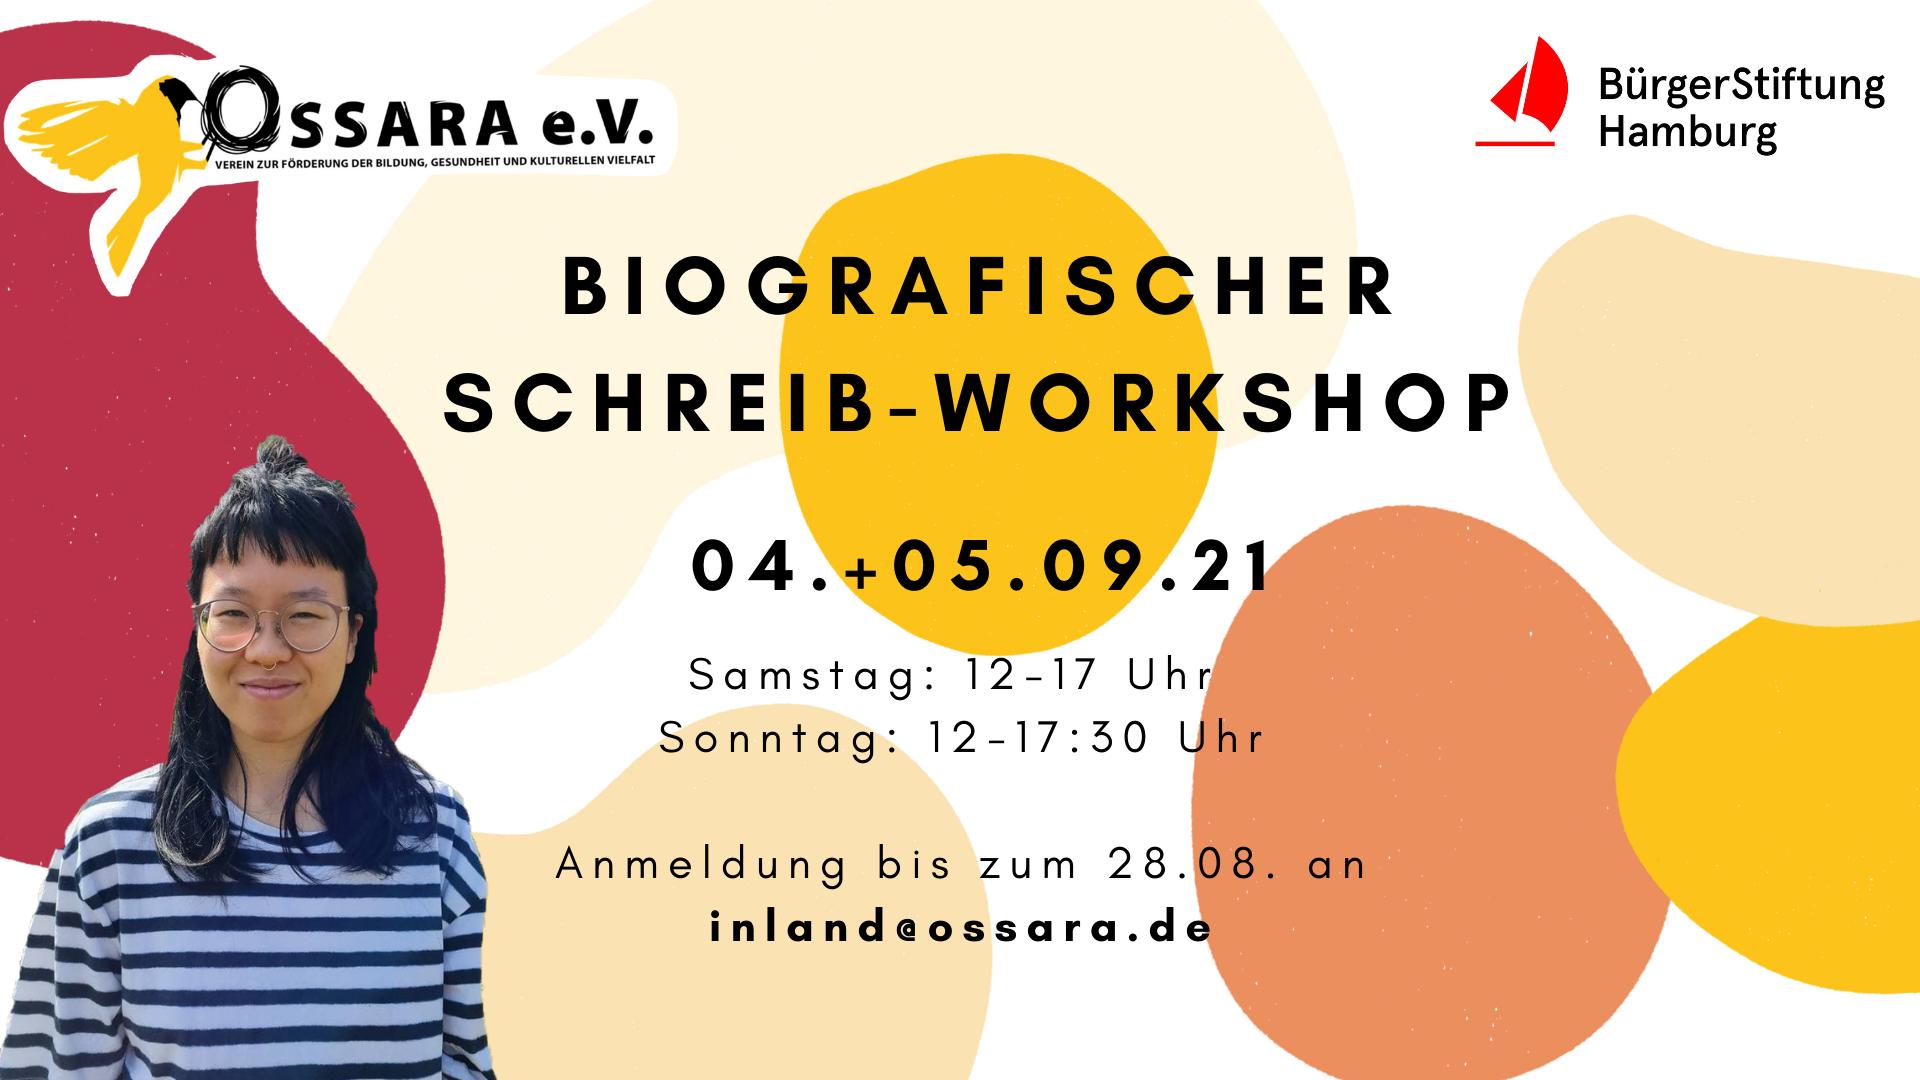 Biografischer Schreib-Workshop